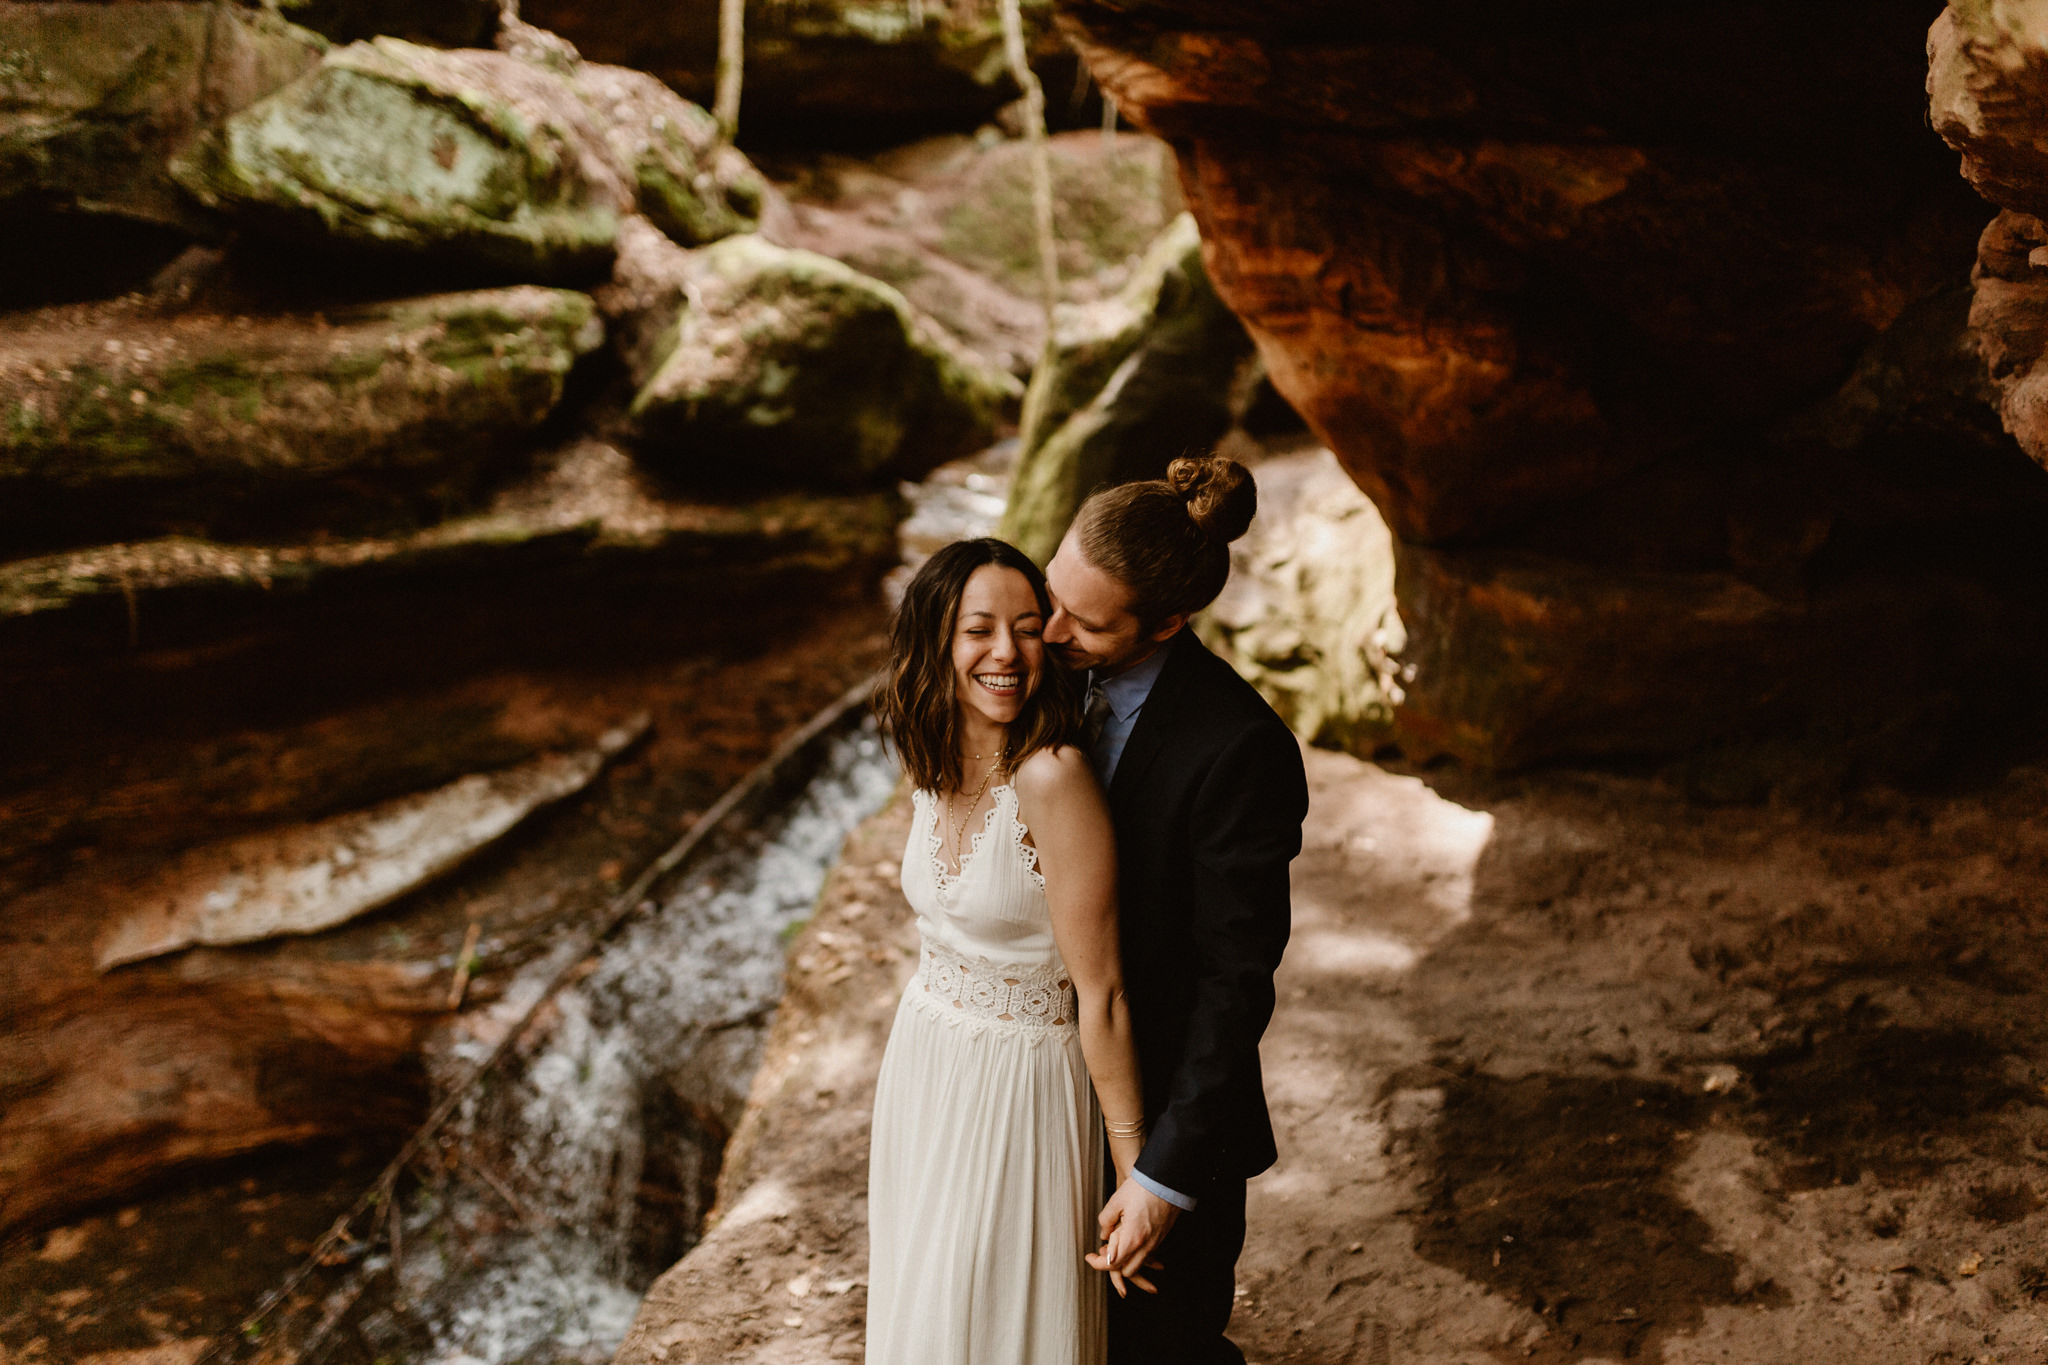 Adventure Wedding Photographers in Wisconsin